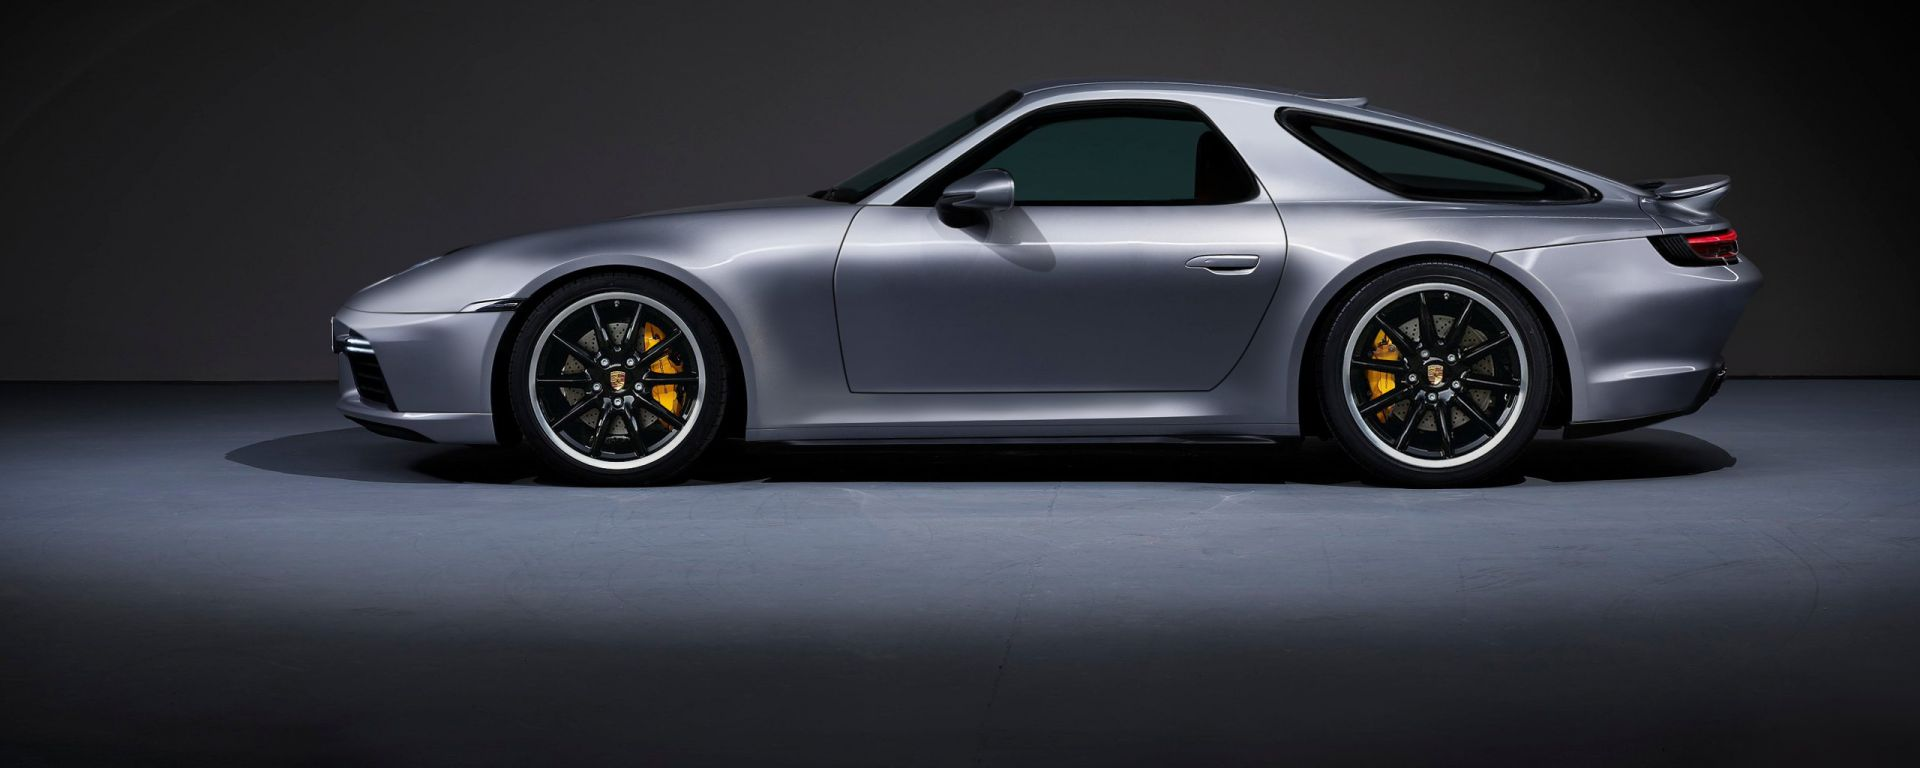 Porsche 911 Turbo S 2020 o 928? Il rendering